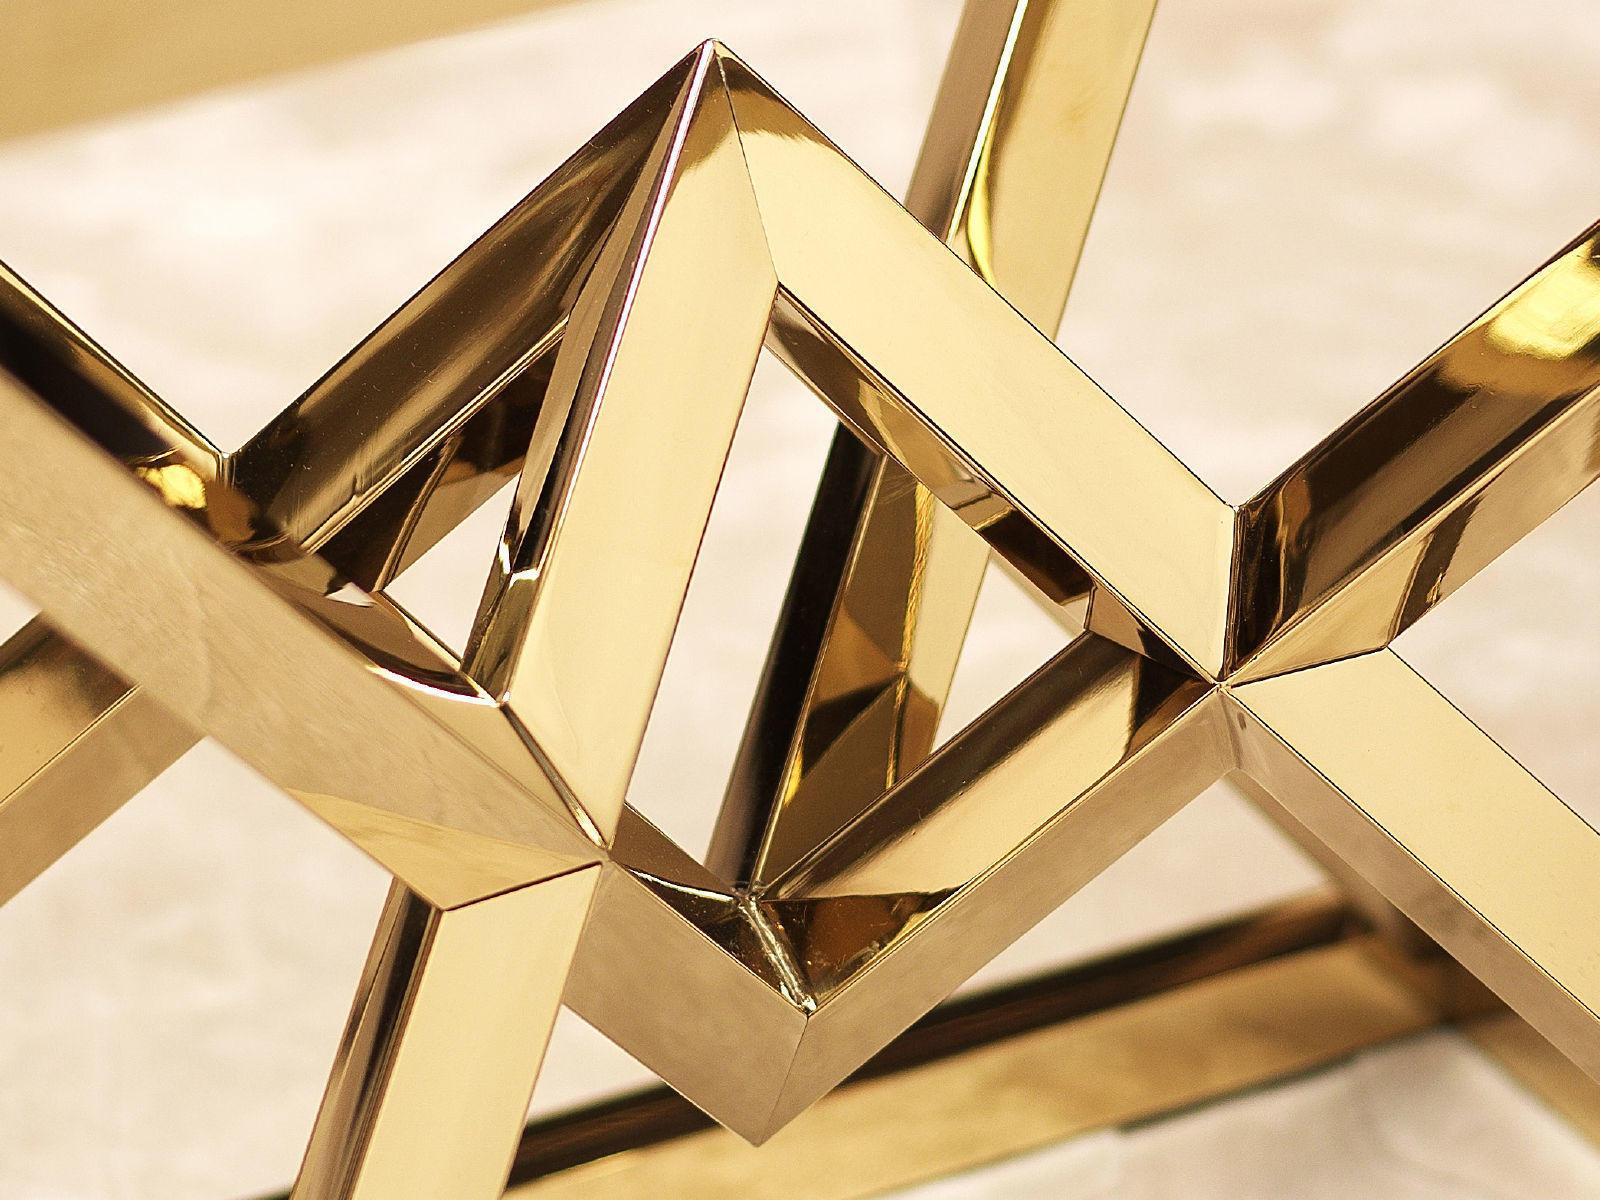 Metal detail